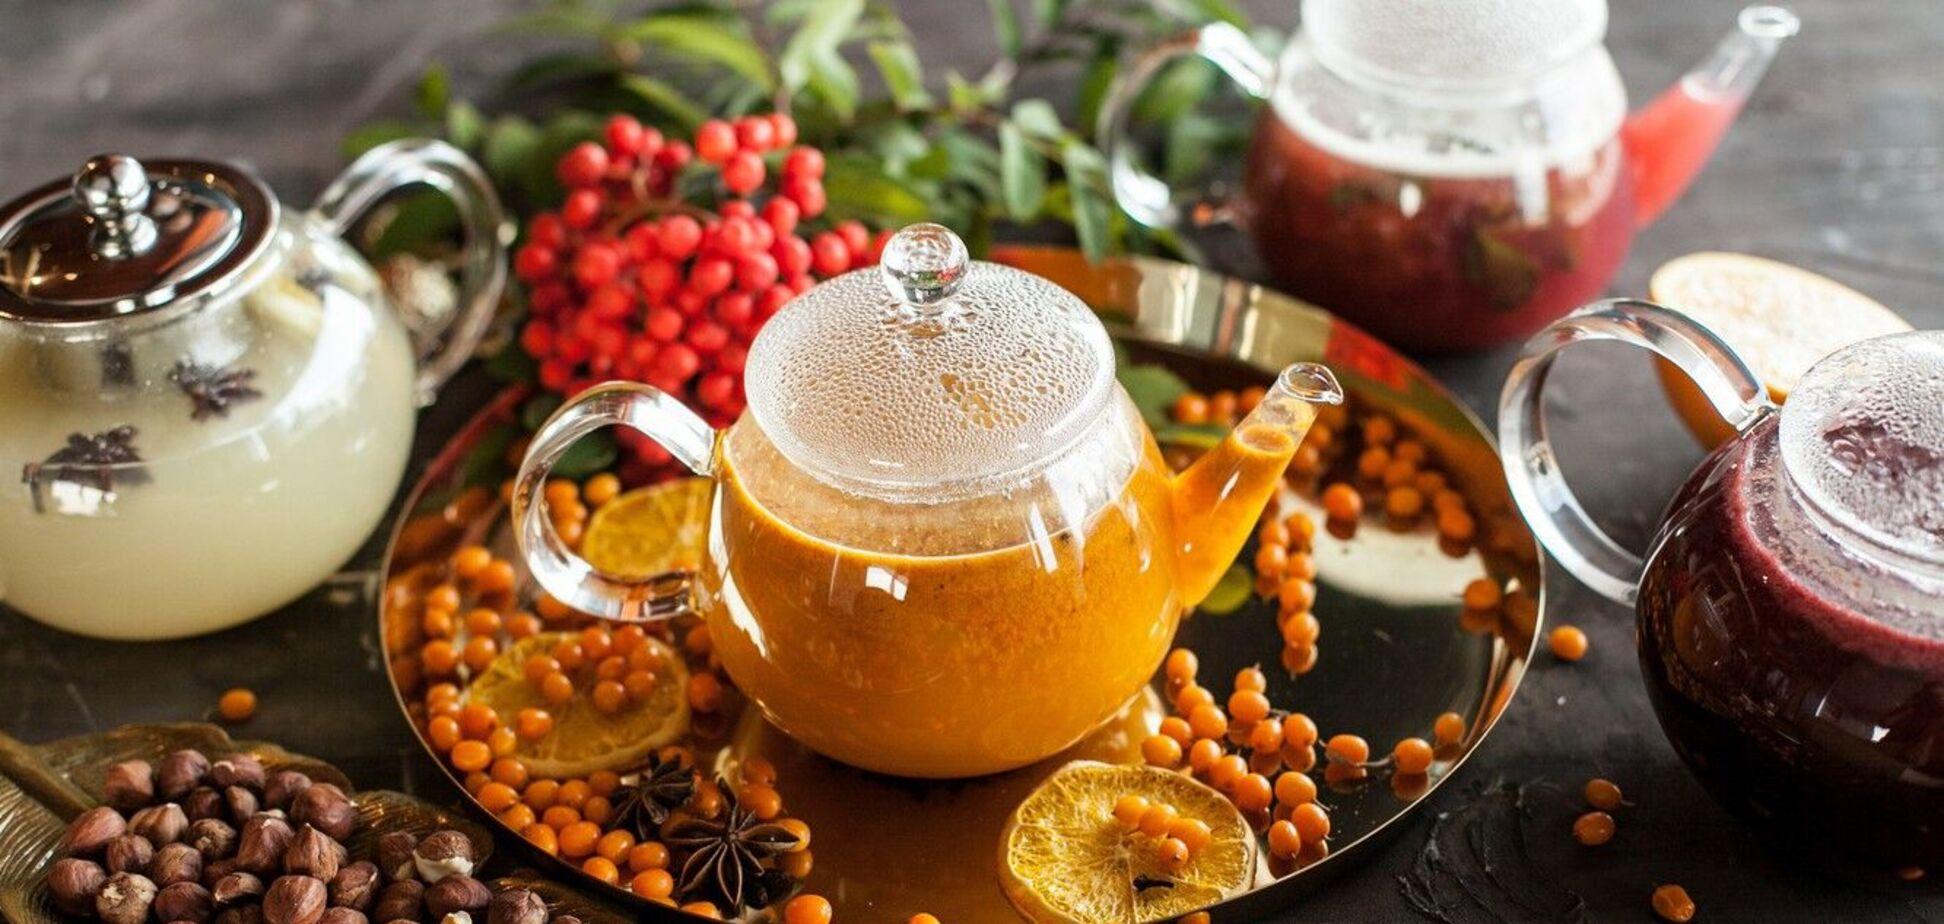 Зелений чай, соки граната і горобини перешкоджають поширенню вірусів